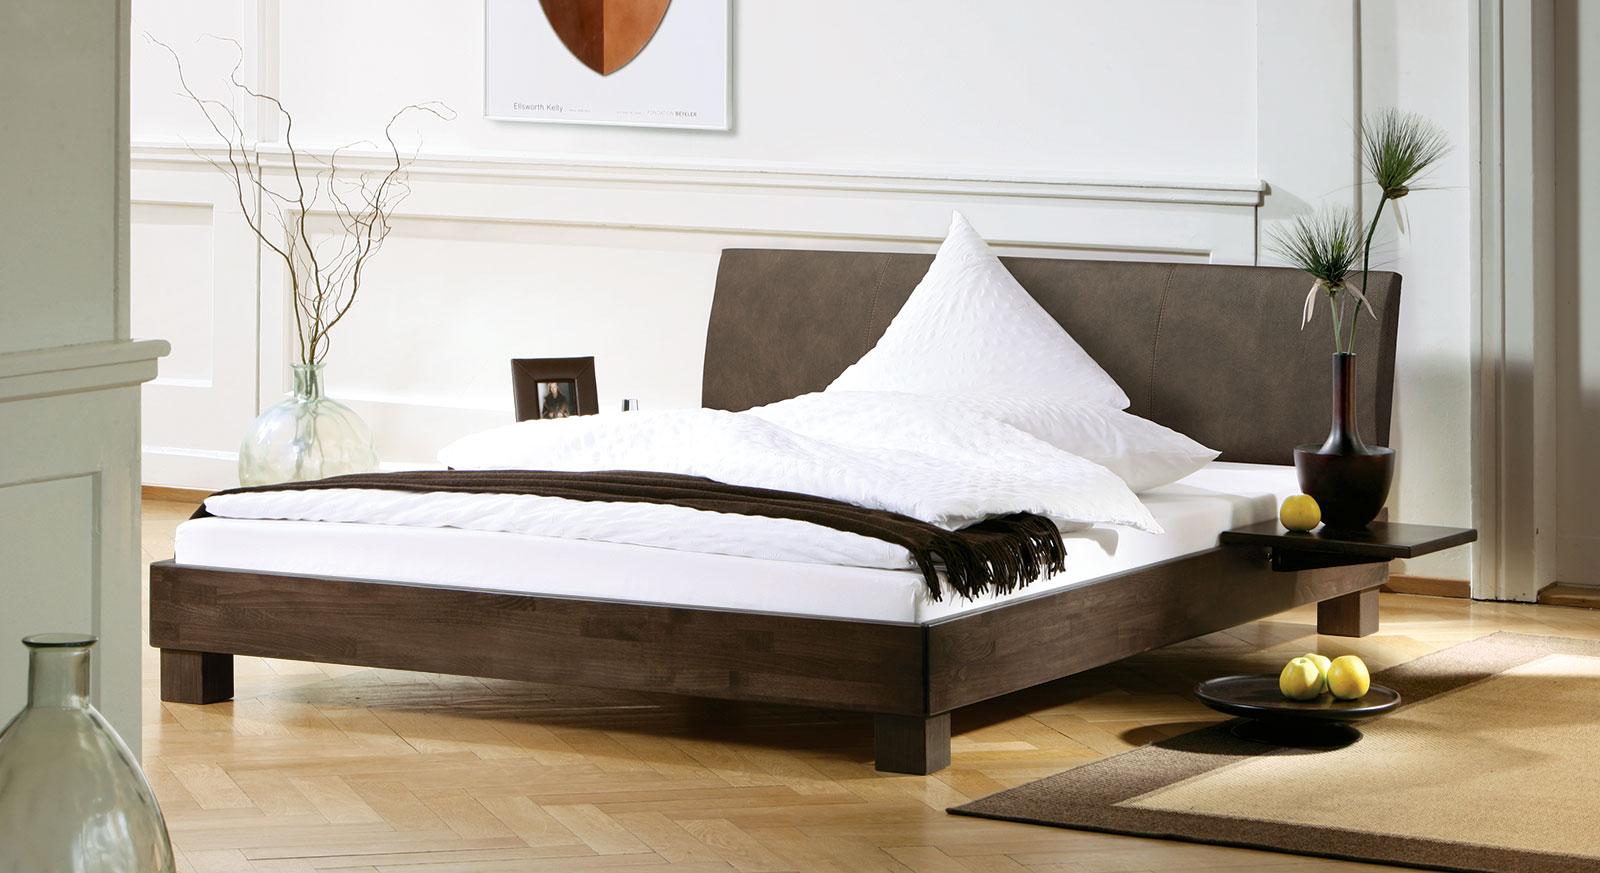 Full Size of Bett Mit Lehne Aus Luxus Kunstleder Gnstig Kaufen Marbella Bette Floor Betten Holz Ebay Ottoversand überlänge Metall Selber Bauen 180x200 140x200 Poco Bett Bett Günstig